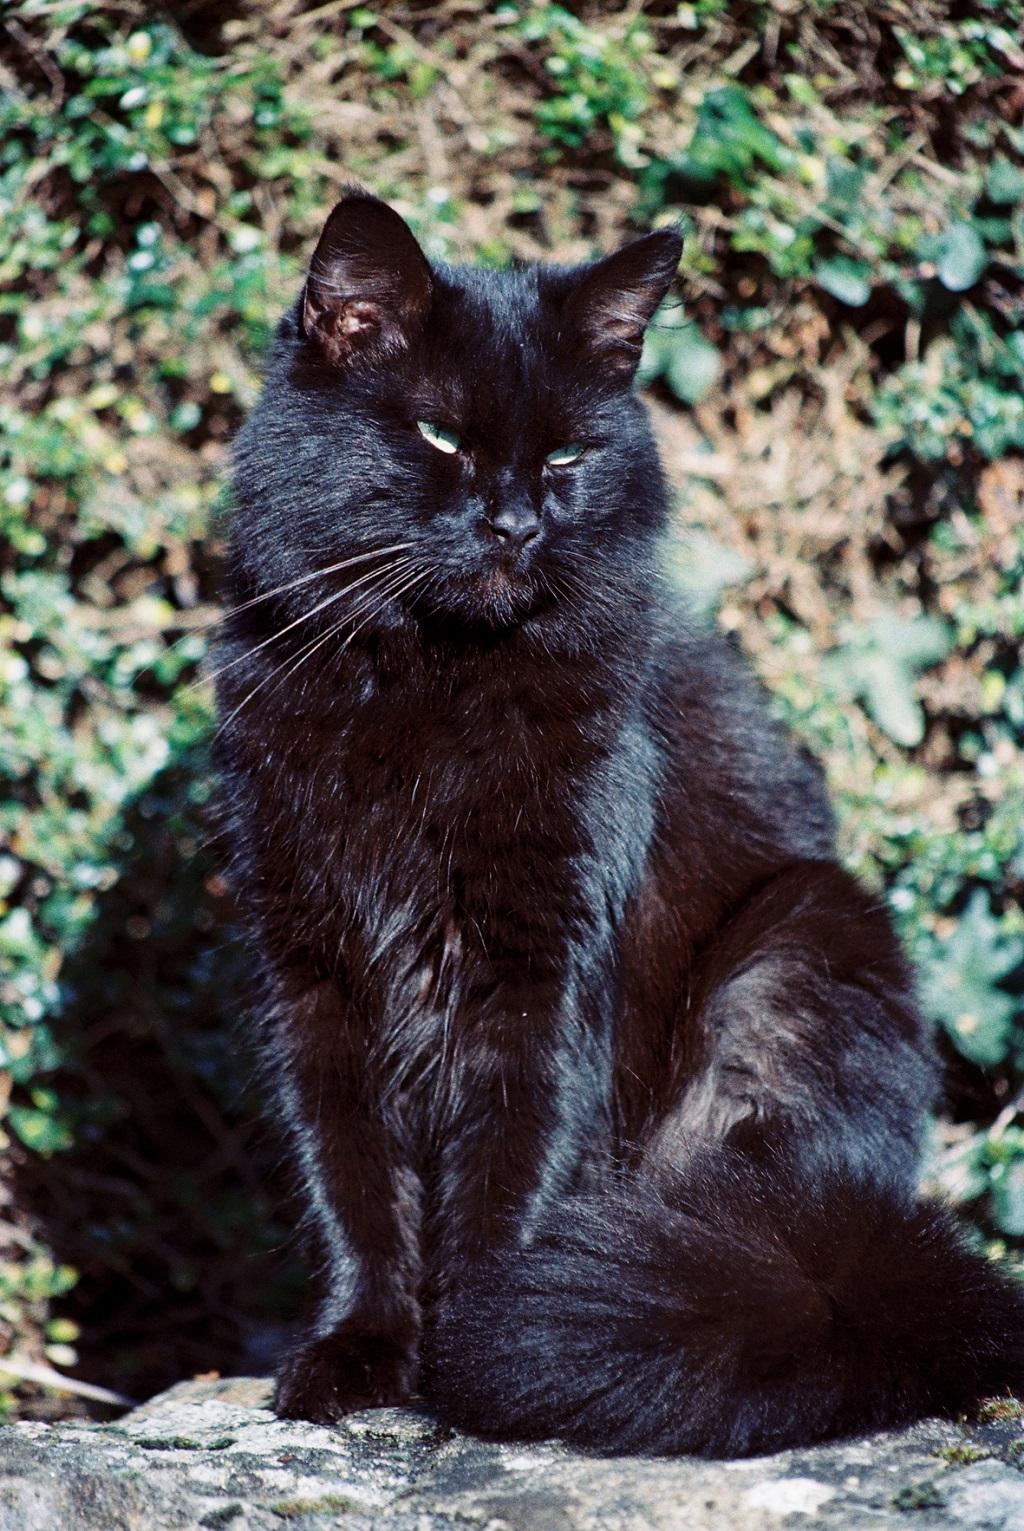 Le-chat-noir-et-les-pilotes- Photo-Thierry-Le-Bras